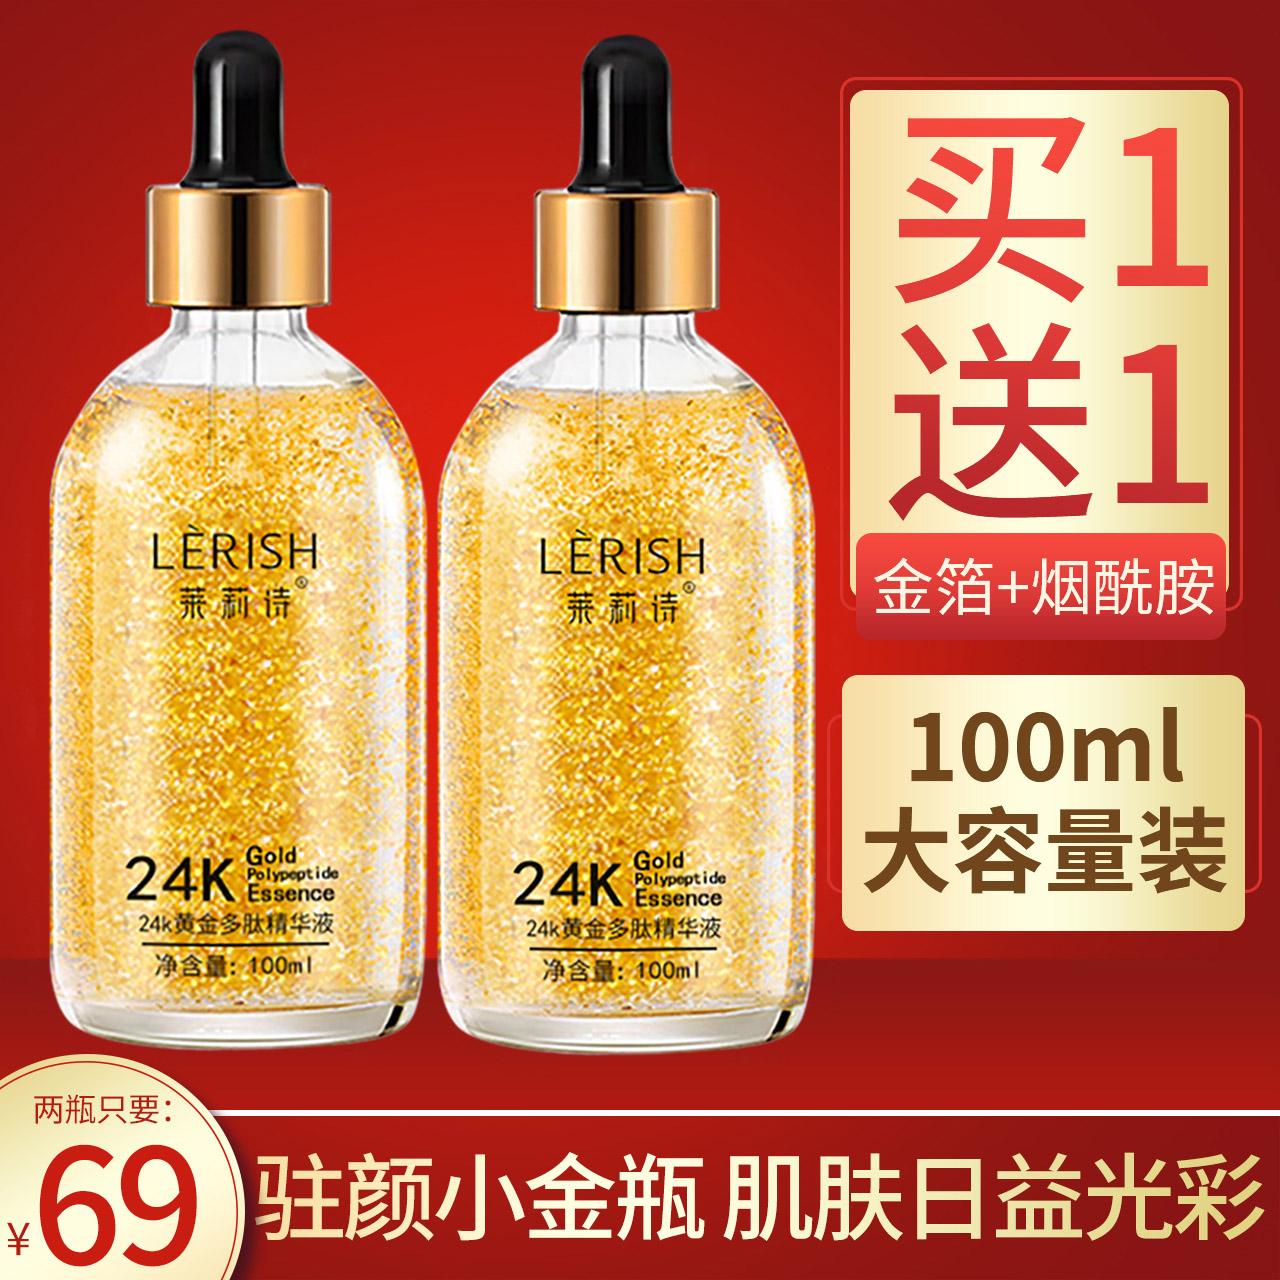 24K黄金精华液烟酰胺面部精华液收缩毛孔玻尿酸原液补水保湿正品